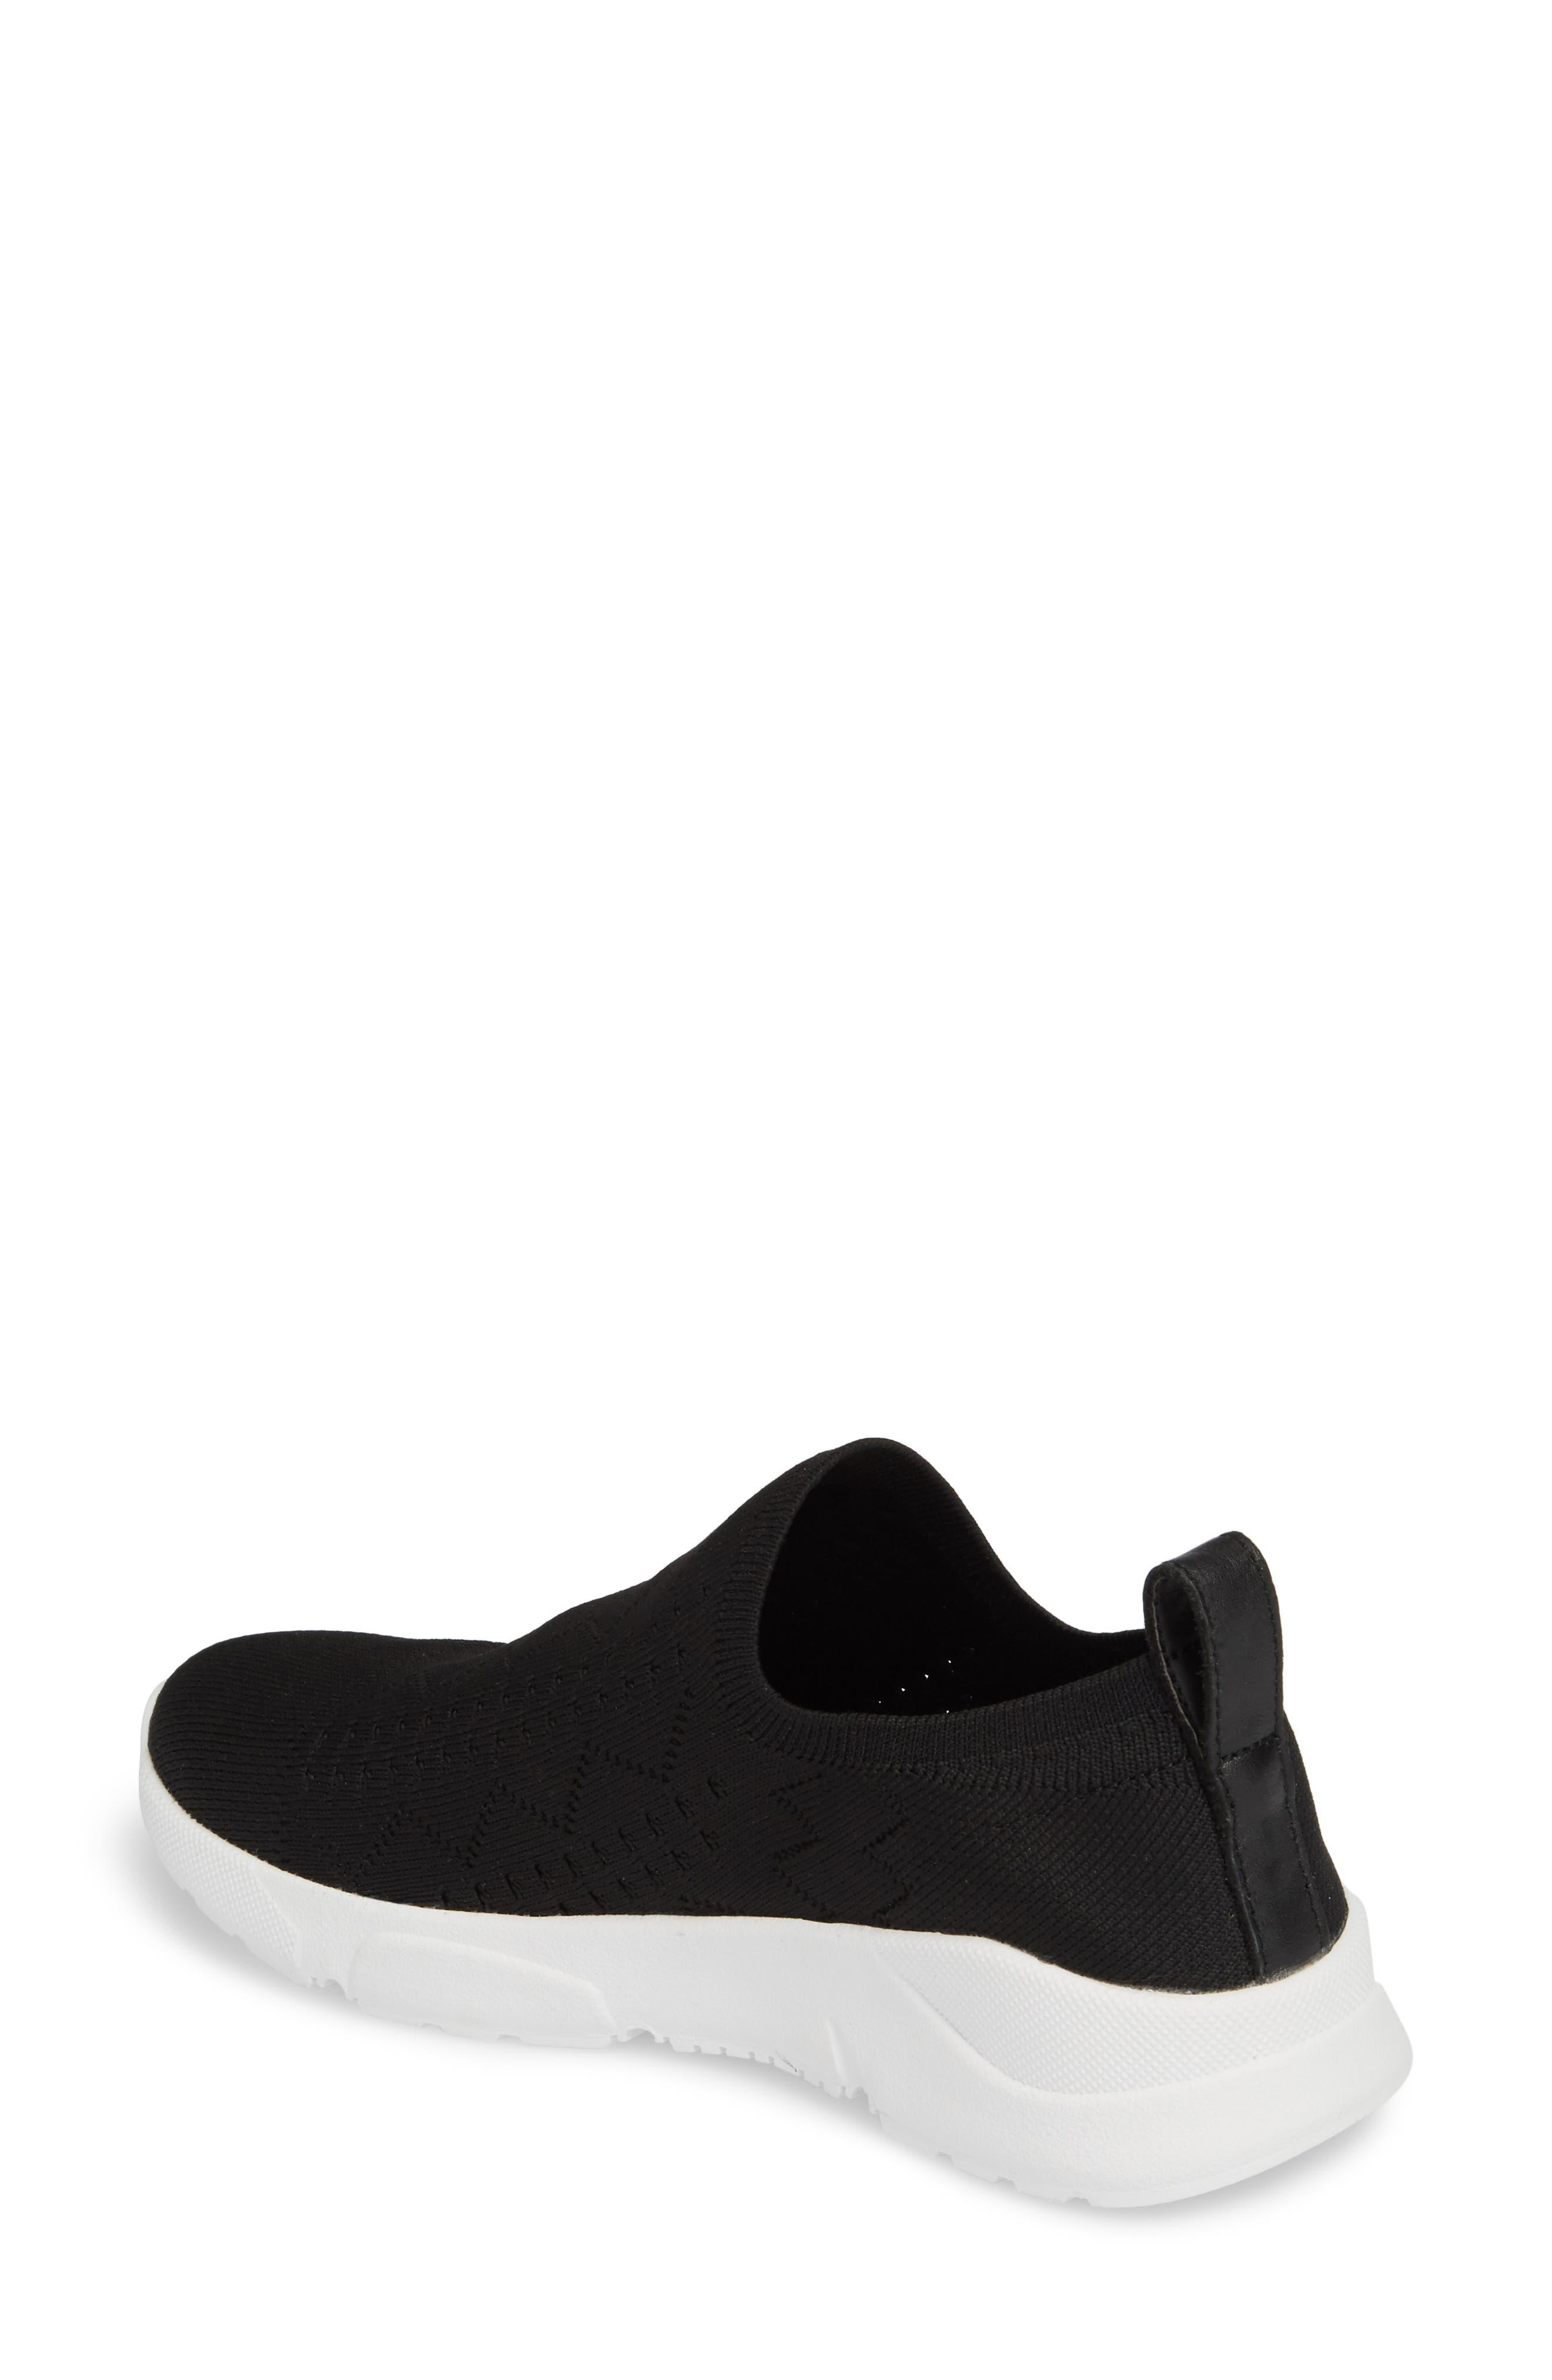 Karrie Slip-On Sneaker,                             Alternate thumbnail 2, color,                             001